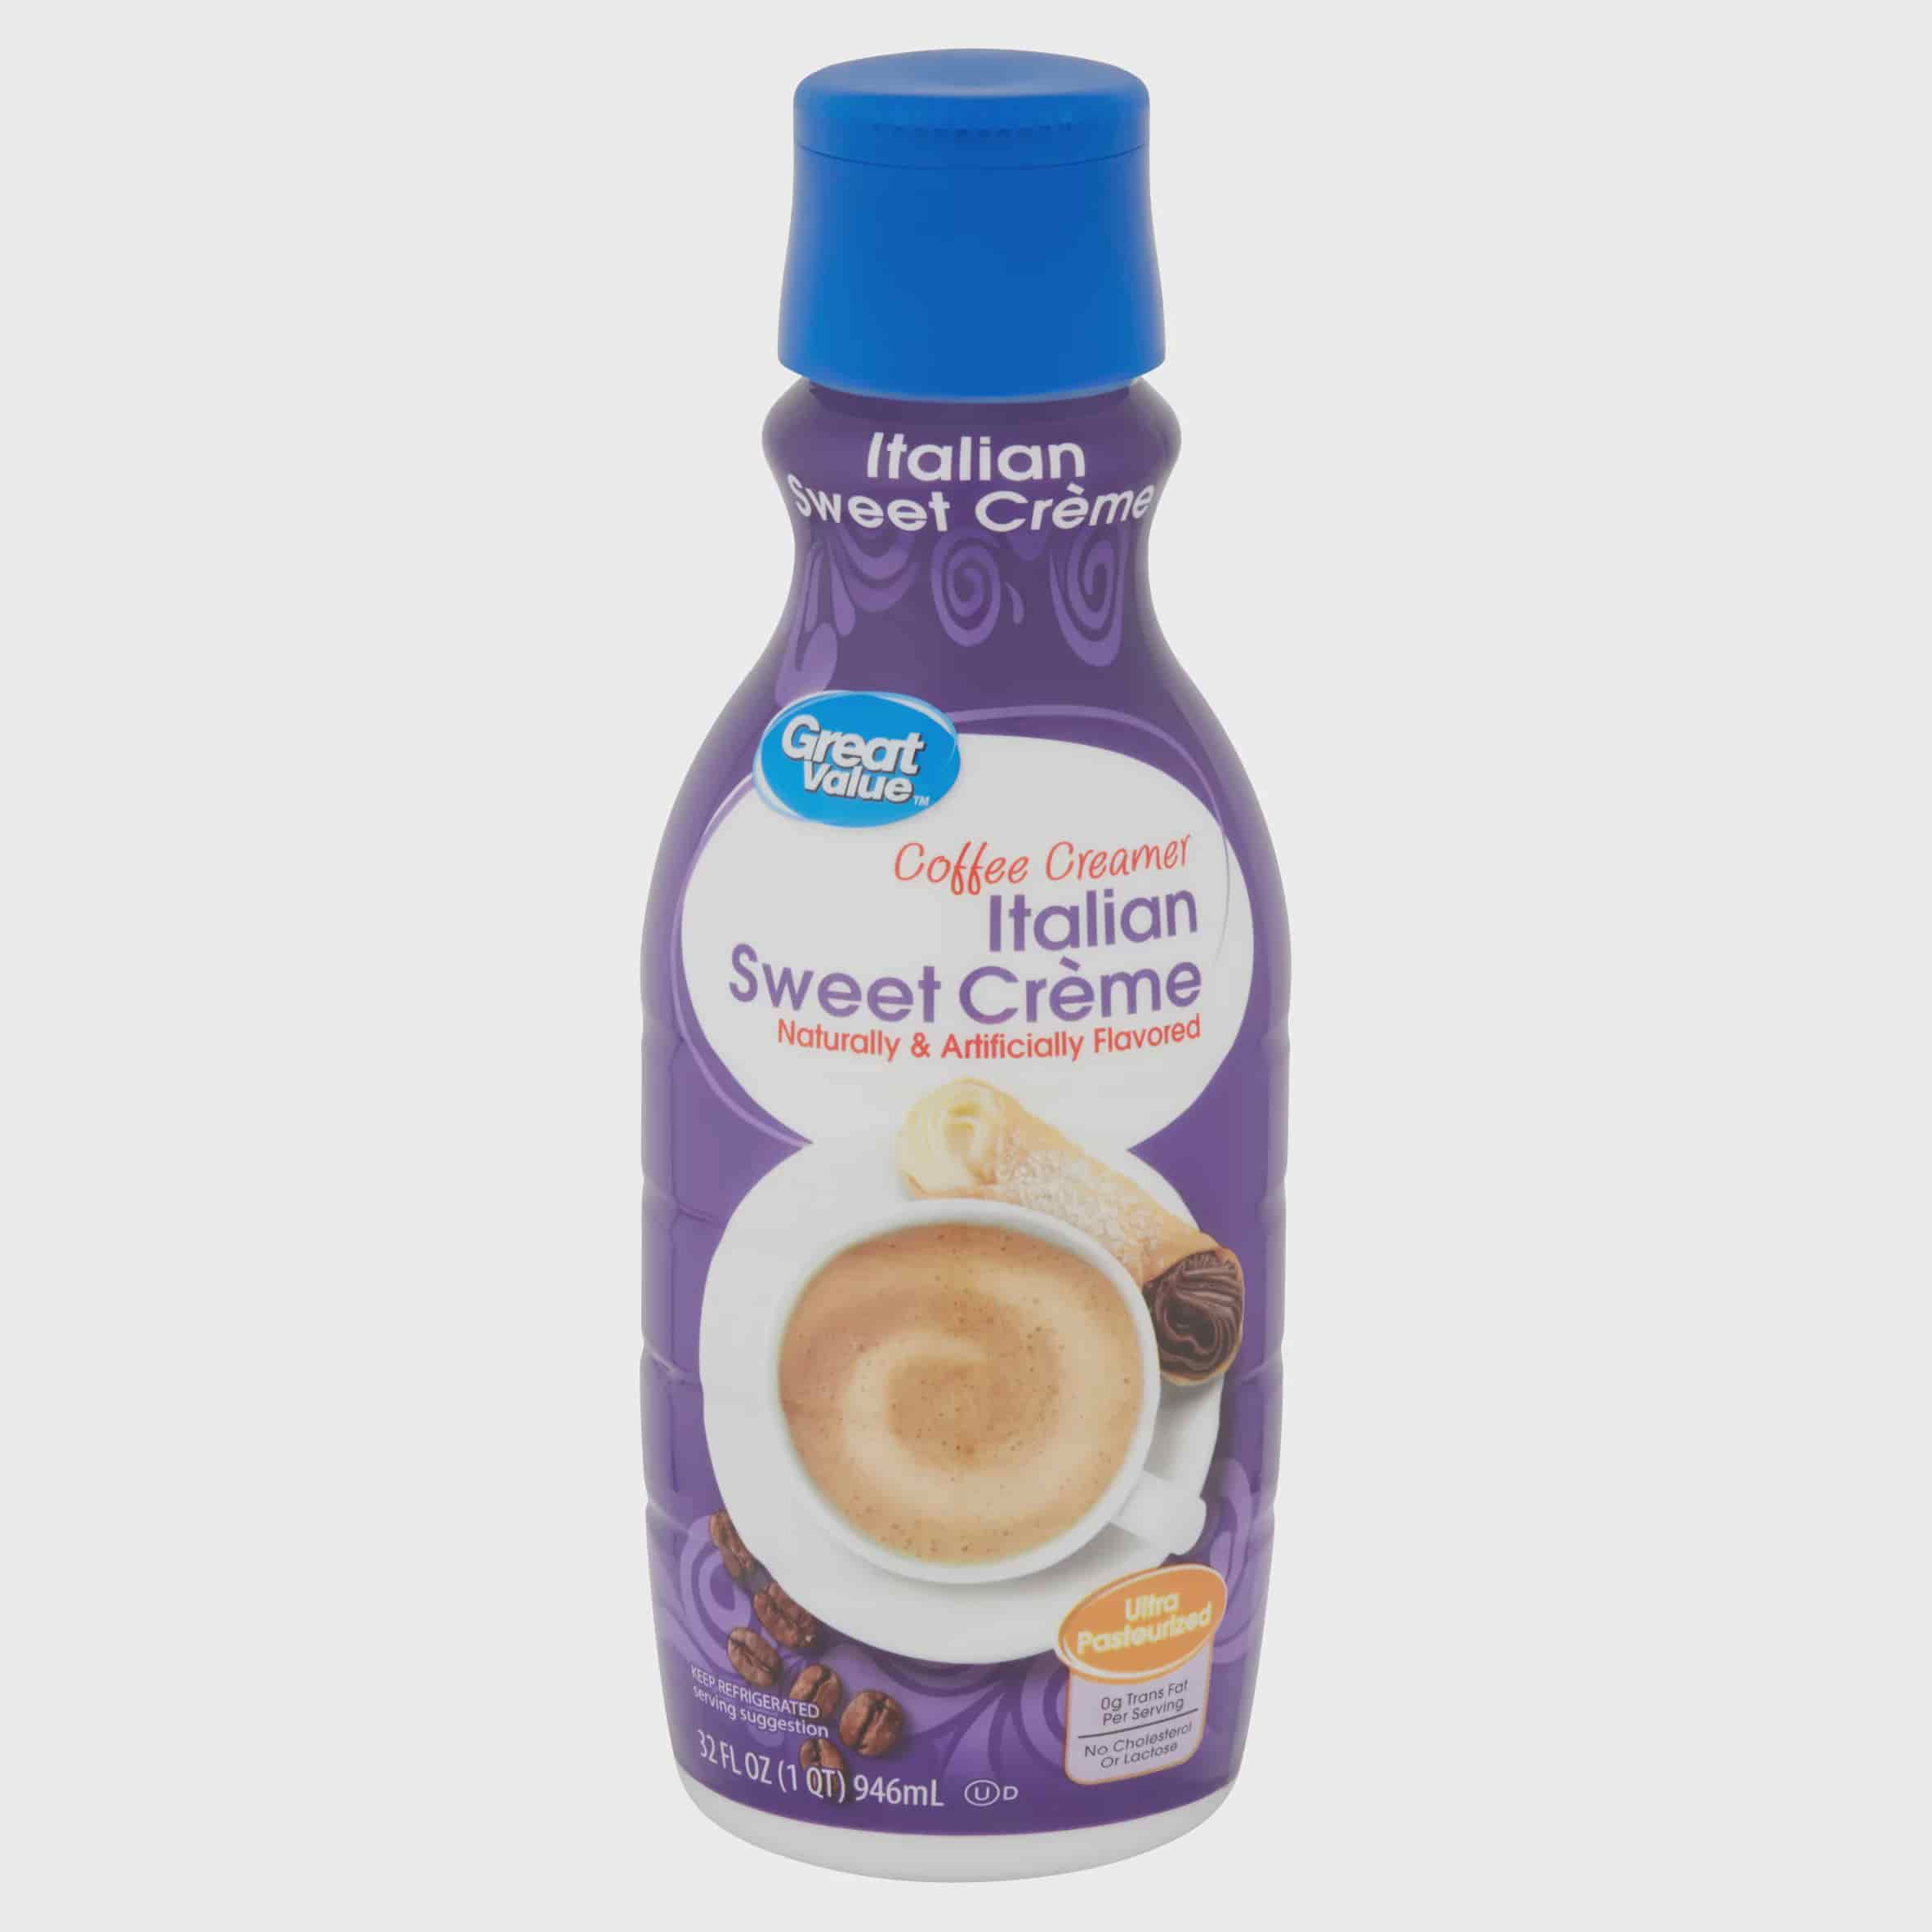 Italian Sweet Creme Coffee Creamer